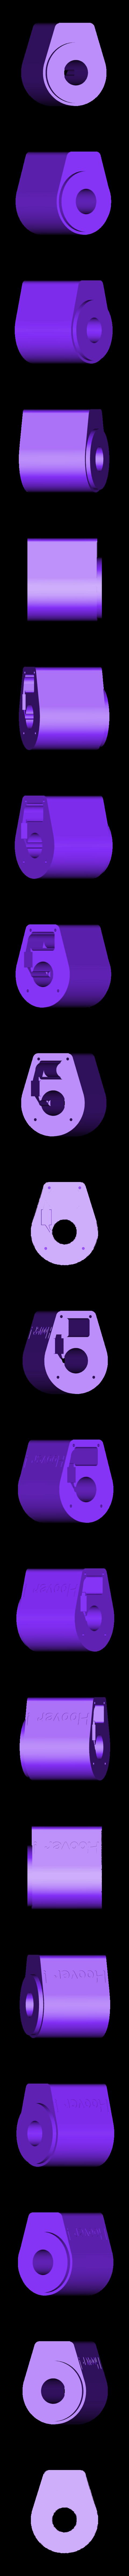 Motor_housing.stl Télécharger fichier STL gratuit Aspirateur portatif • Plan pour imprimante 3D, Mirketto